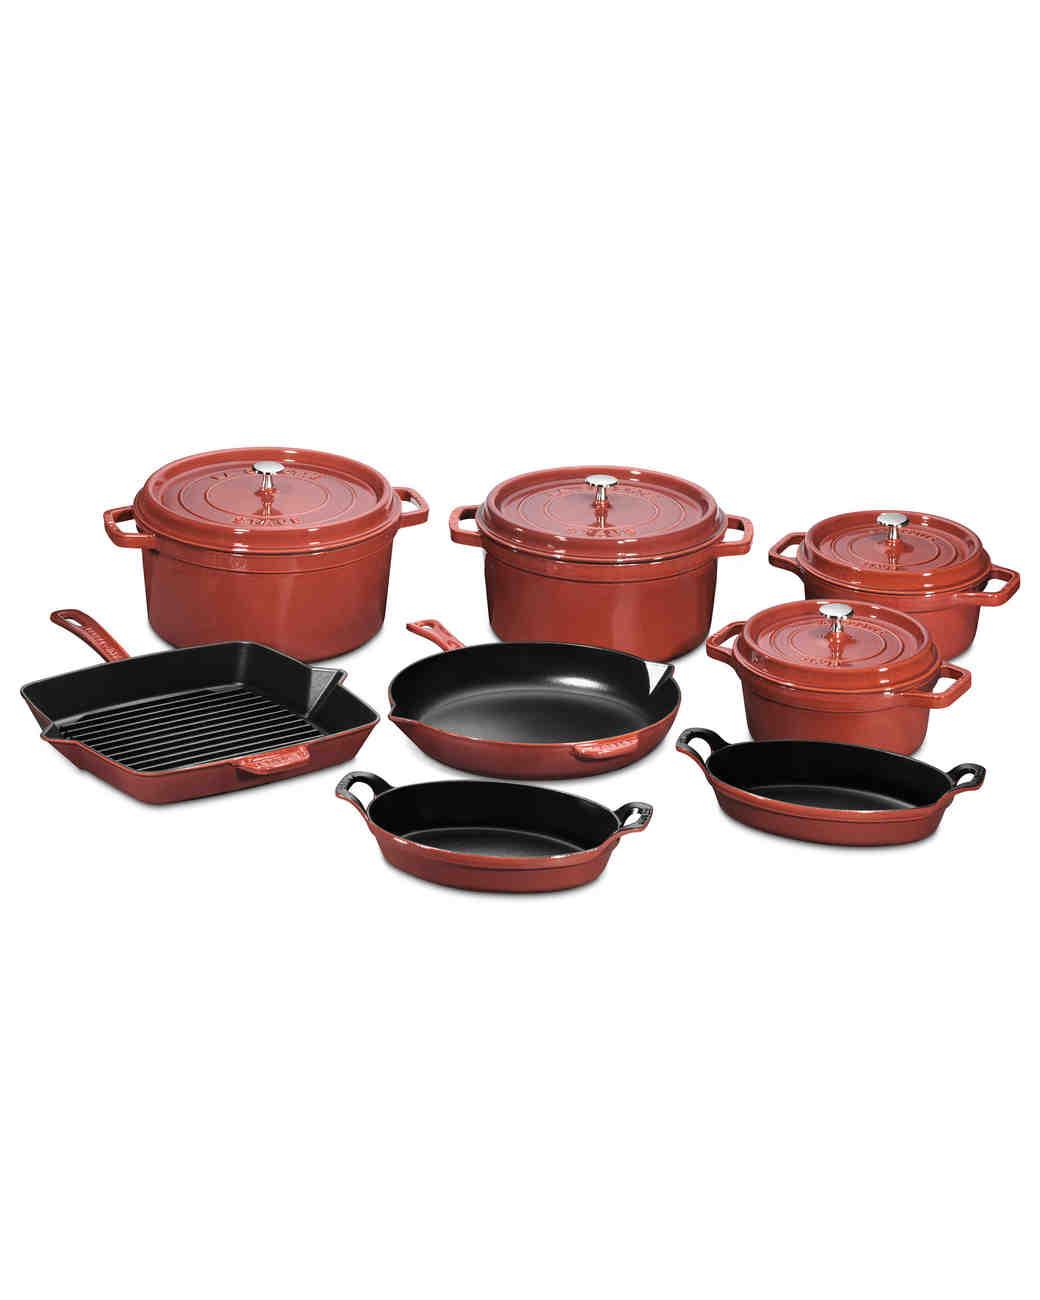 martha-bride-registry-athena-calderone-staub-cast-iron-12-piece-cookware-set-red-0515.jpg